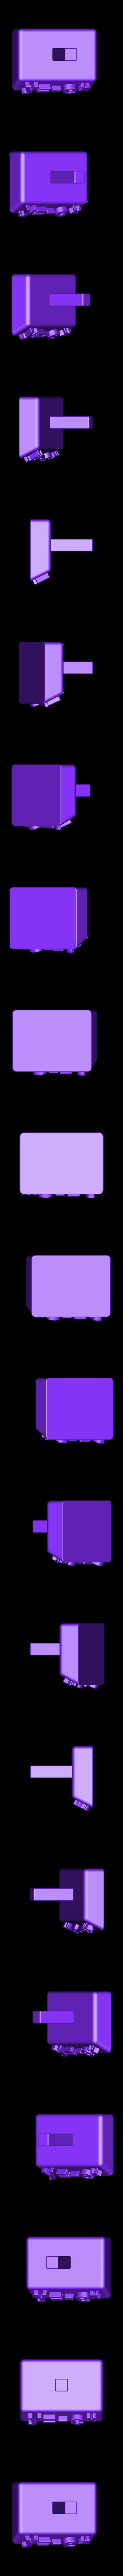 Function_Stickman_y-ex_bottom.stl Télécharger fichier STL gratuit Dancing Function Stickmen • Plan pour impression 3D, Chrisibub